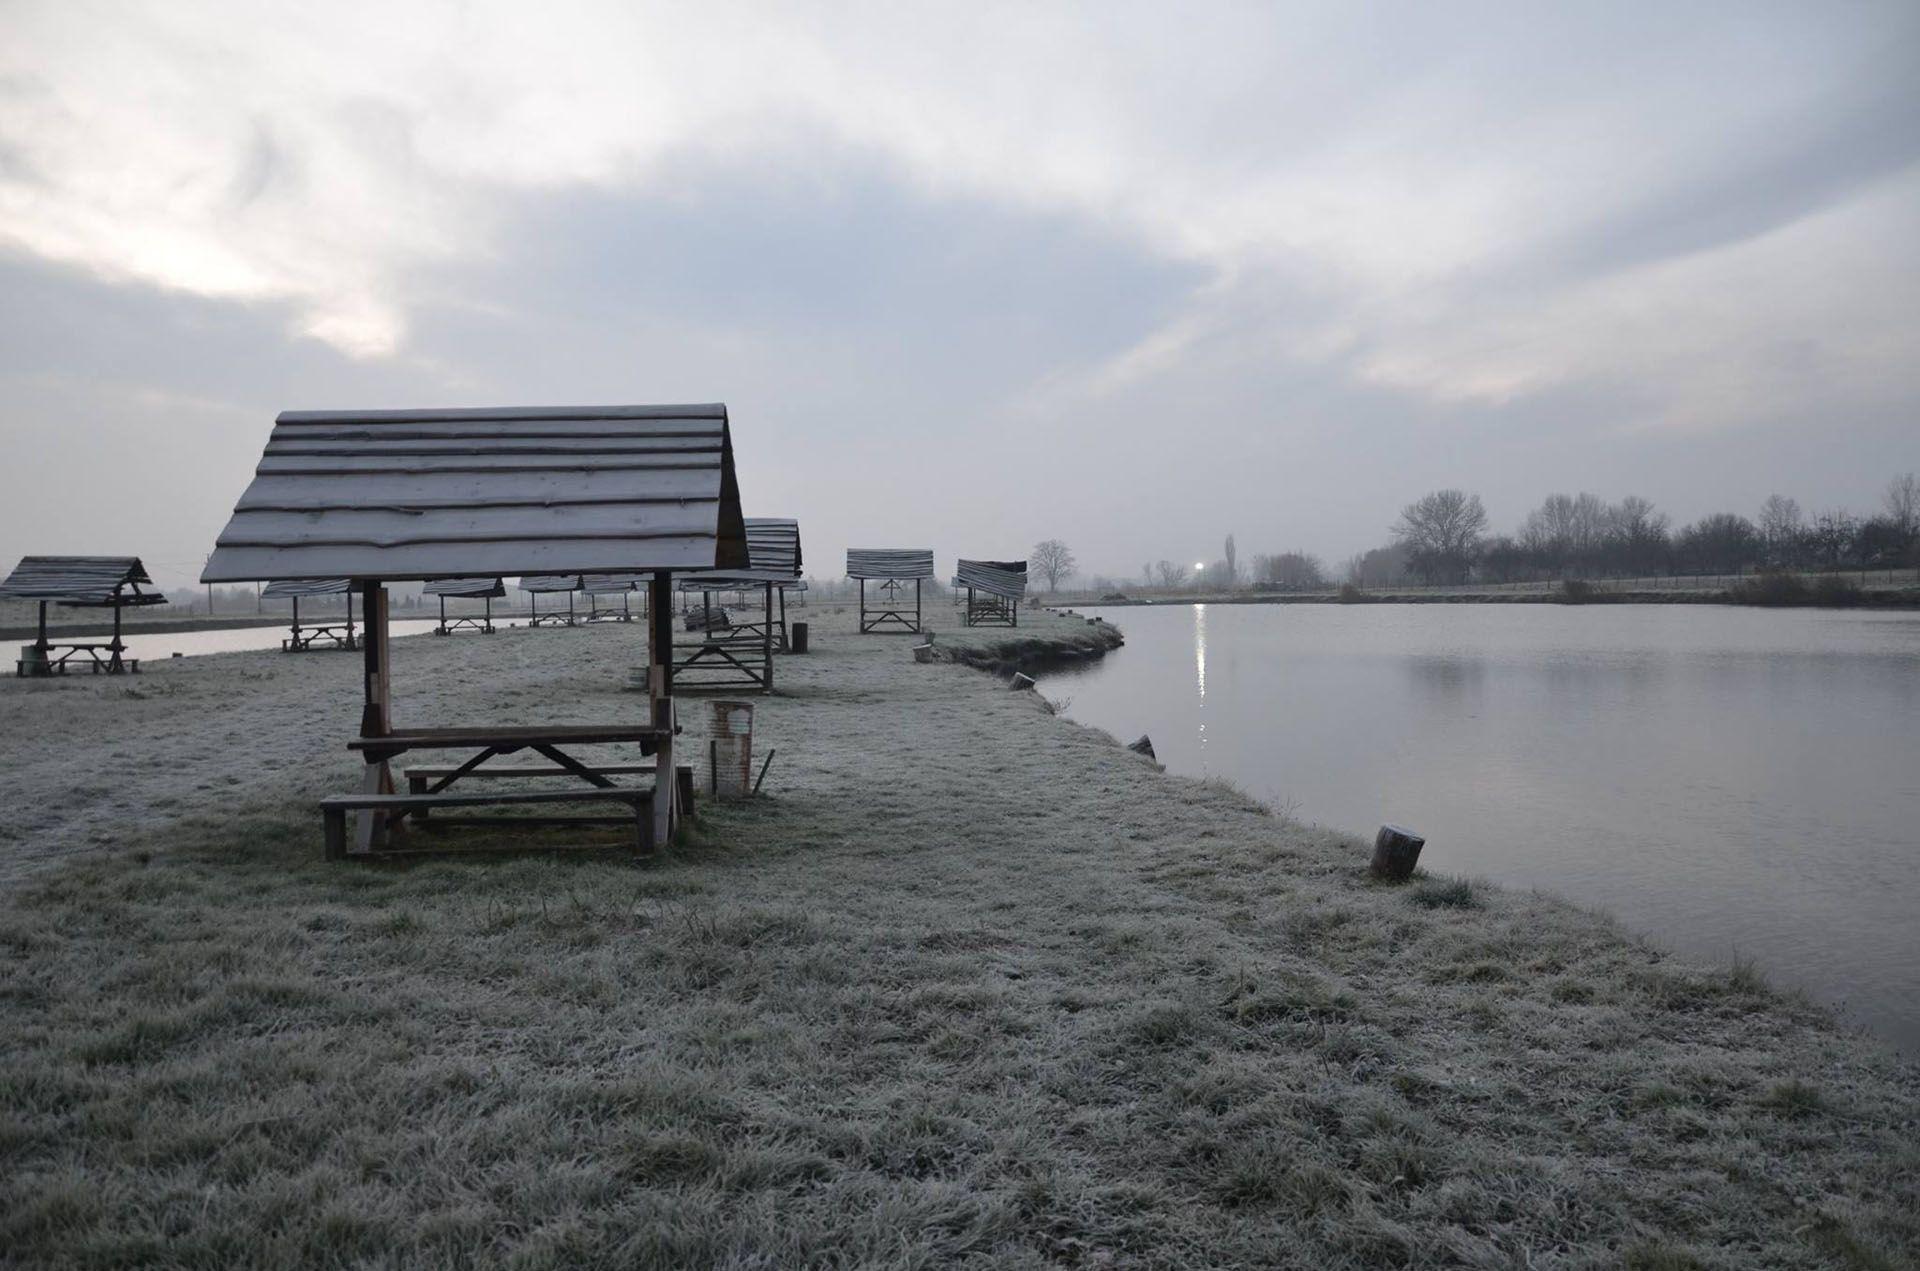 Bár még csak december elejét írtuk, a körülmények tényleg téliesek voltak: szombat reggel keményen fagyott, -3 Celsius-fok volt